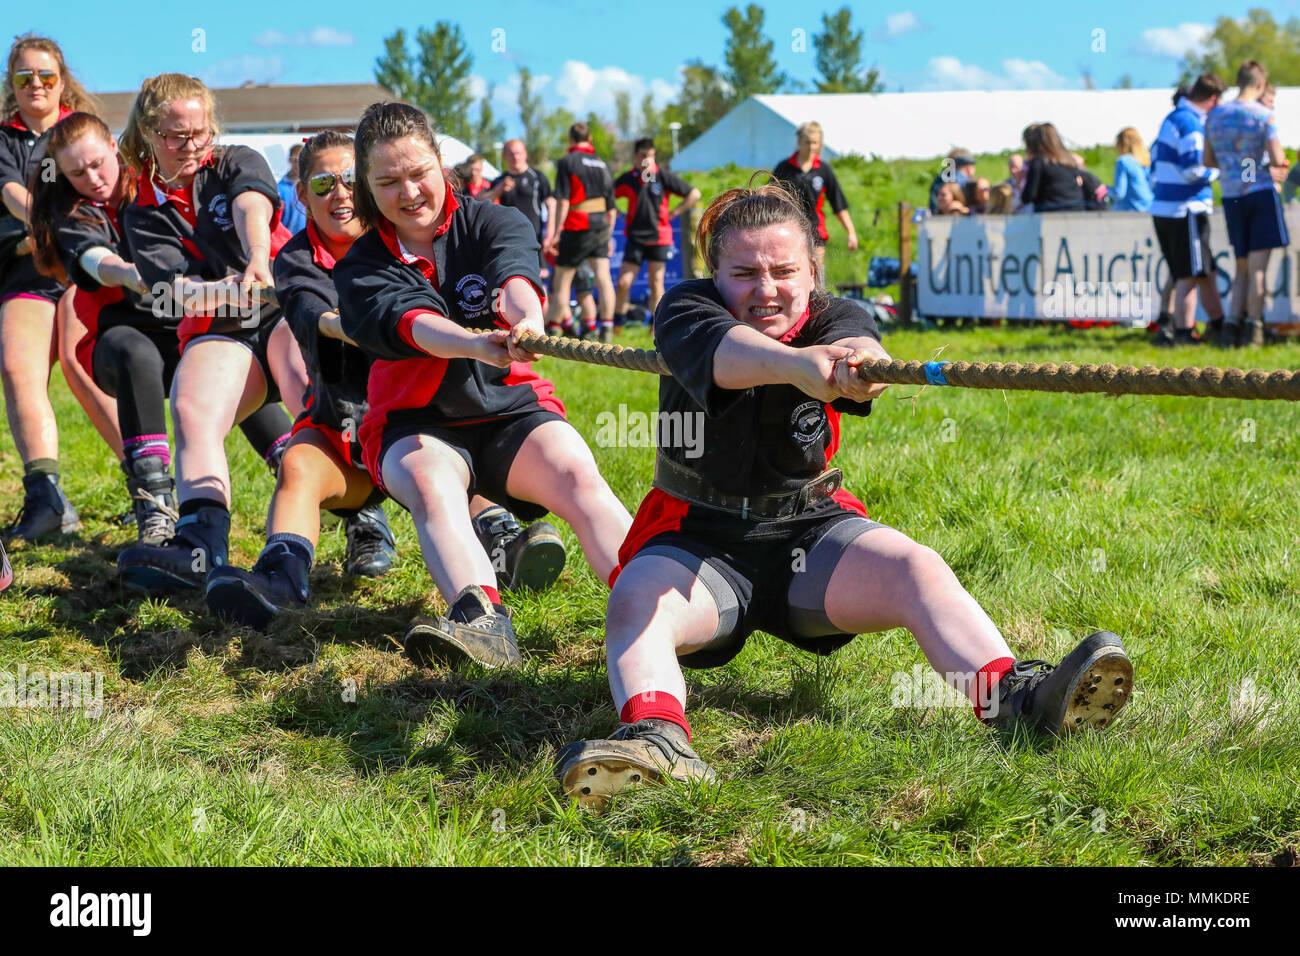 """Ayrshire, Reino Unido. 12 de mayo de 2018. En un caluroso y soleado día de mayo, la tasa anual del condado de Ayr Show celebrado en el Hipódromo de Ayr atrajo a cientos de participantes en los concursos agrícolas y también a miles de espectadores. Así como las tradicionales competiciones de bovinos, ovinos y aves de corral, hay premios para los ganadores de los hombres y mujeres jóvenes agricultores """"Tug of War"""" de la competencia y para el mejor decorado camión Crédito: Findlay/Alamy Live News Imagen De Stock"""